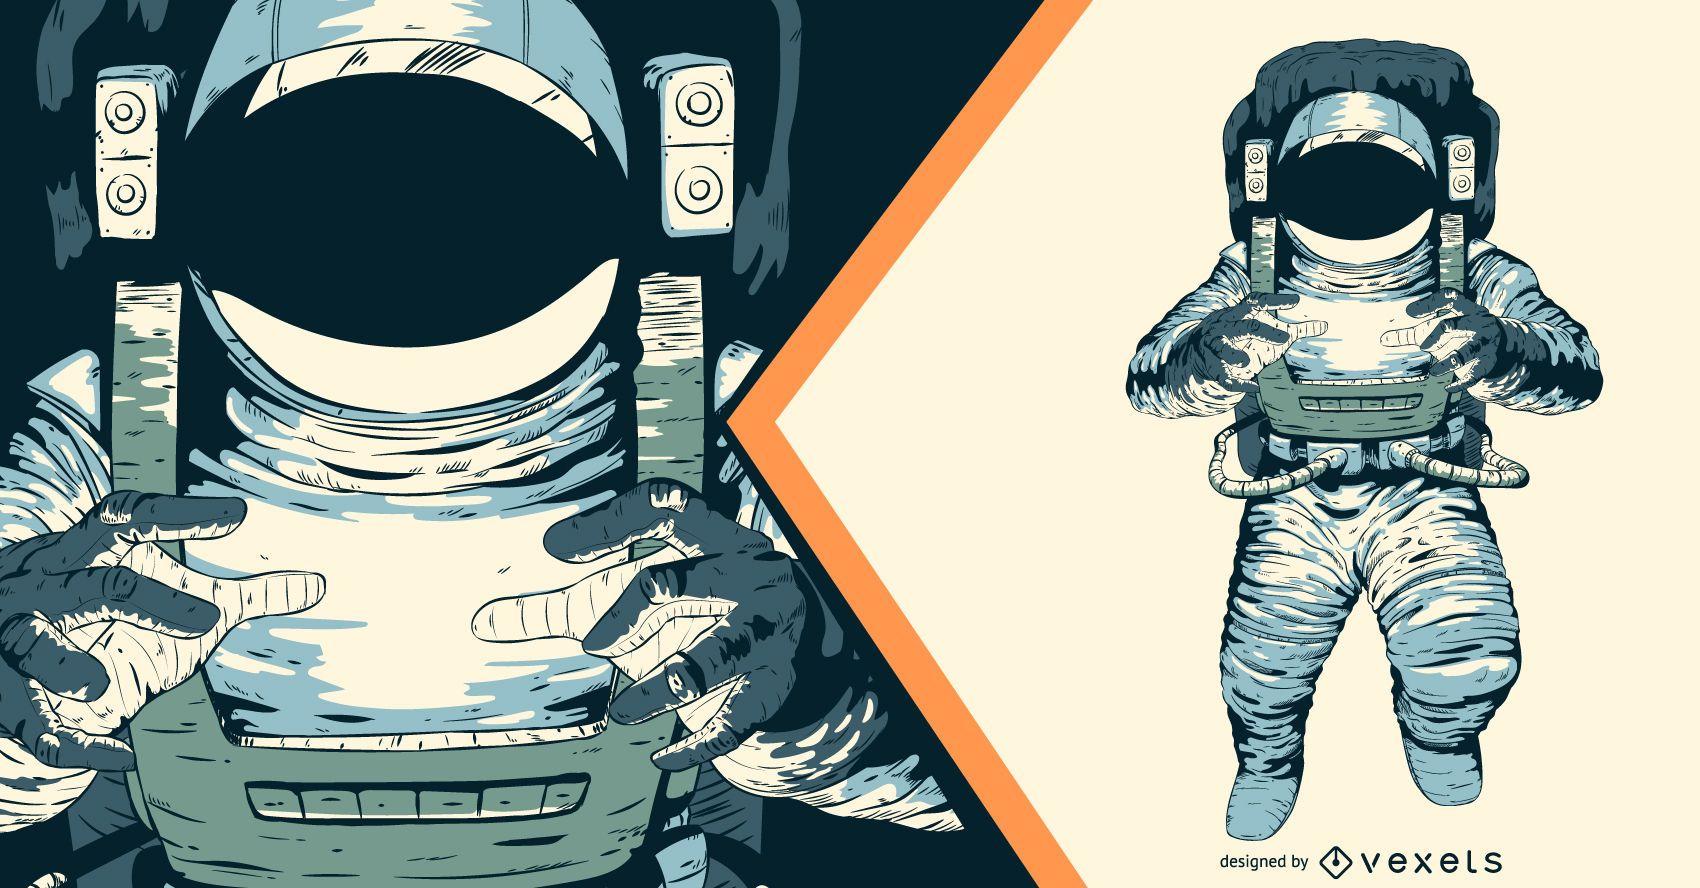 Diseño de ilustración artística astronauta.